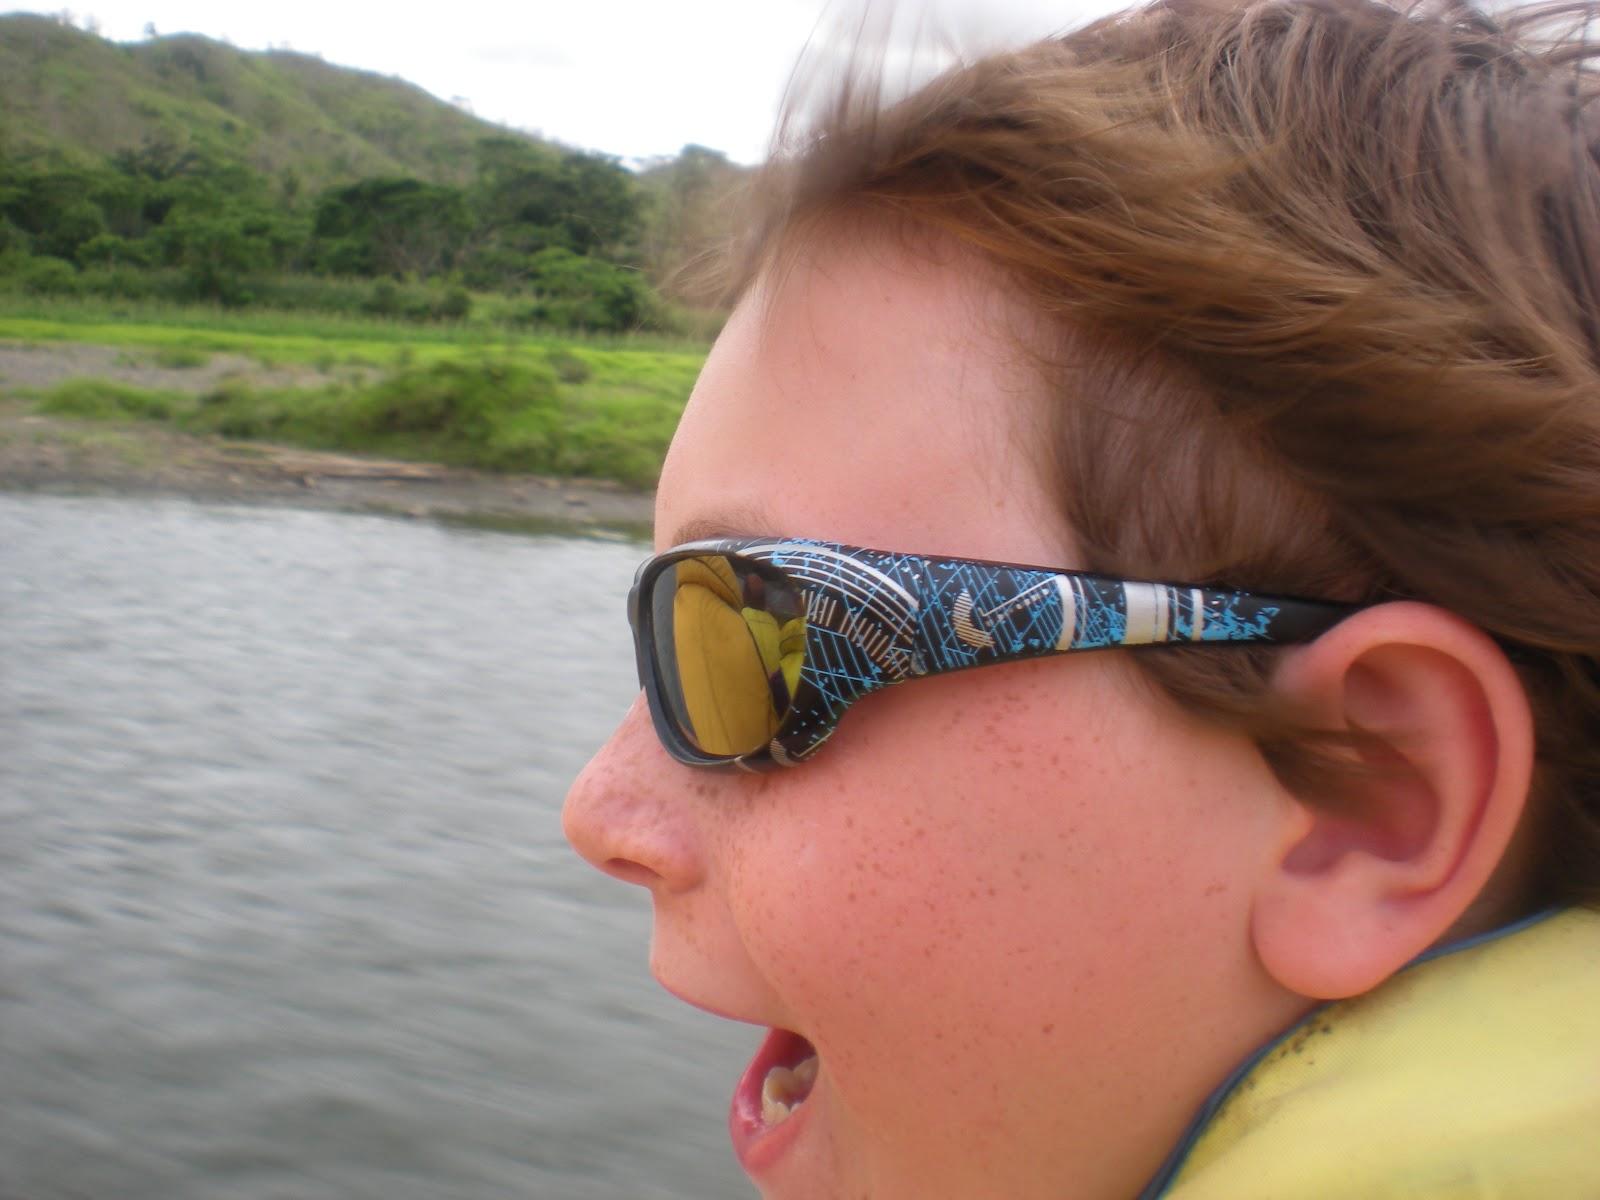 http://1.bp.blogspot.com/-ywYE3IVOtCM/T4km_d9aKZI/AAAAAAAAC04/AguoKzRXnoQ/s1600/Fiji%2Btwo%2B046.JPG